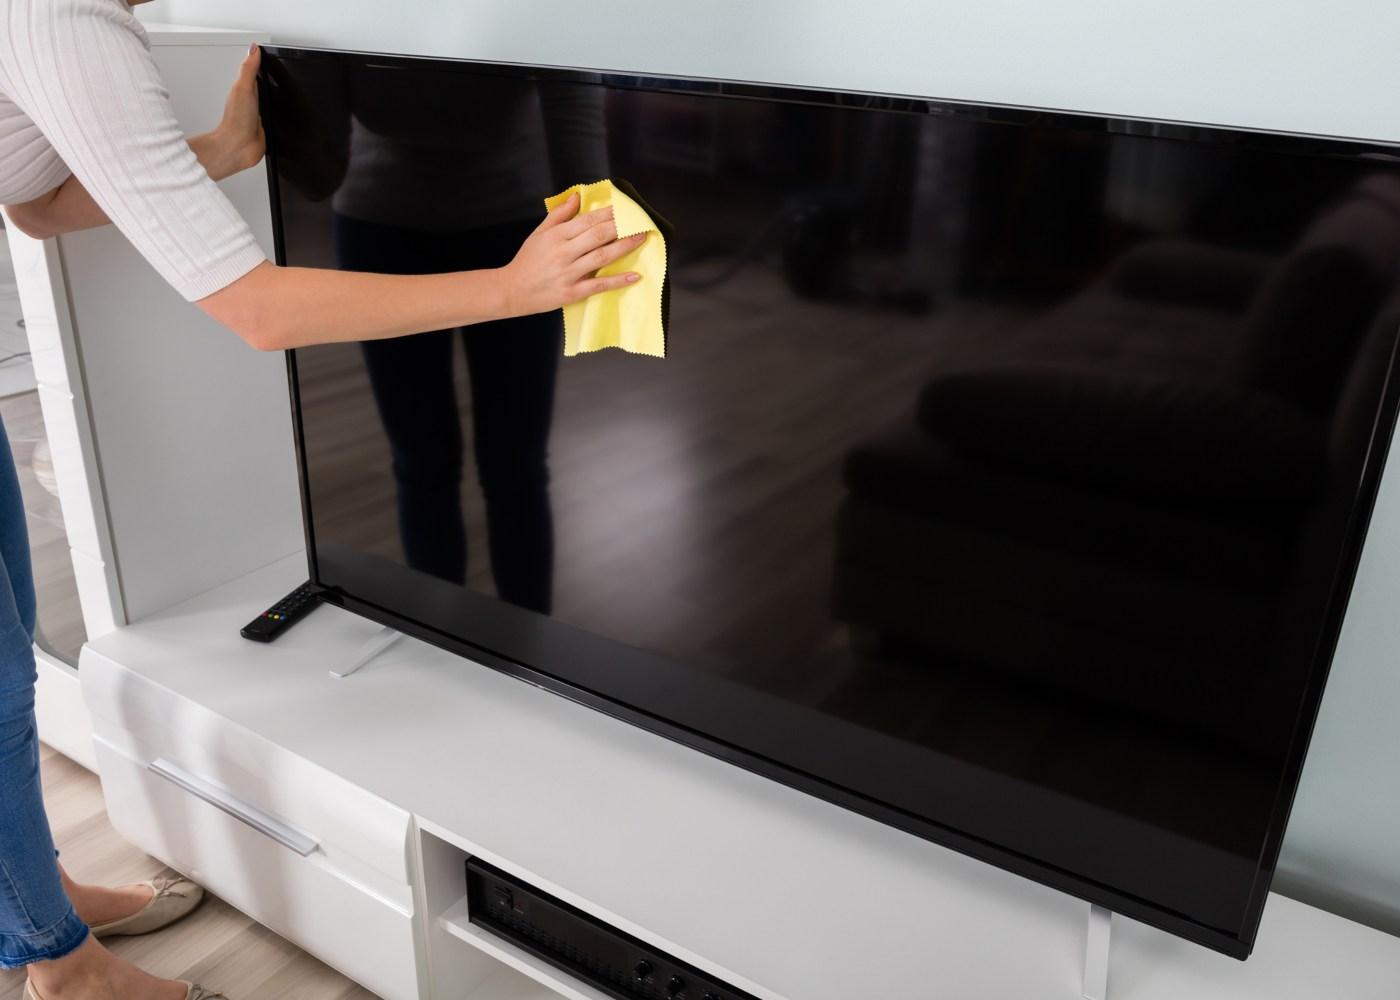 pessoa a limpar ecrã da televisão com um pano e não vinagre